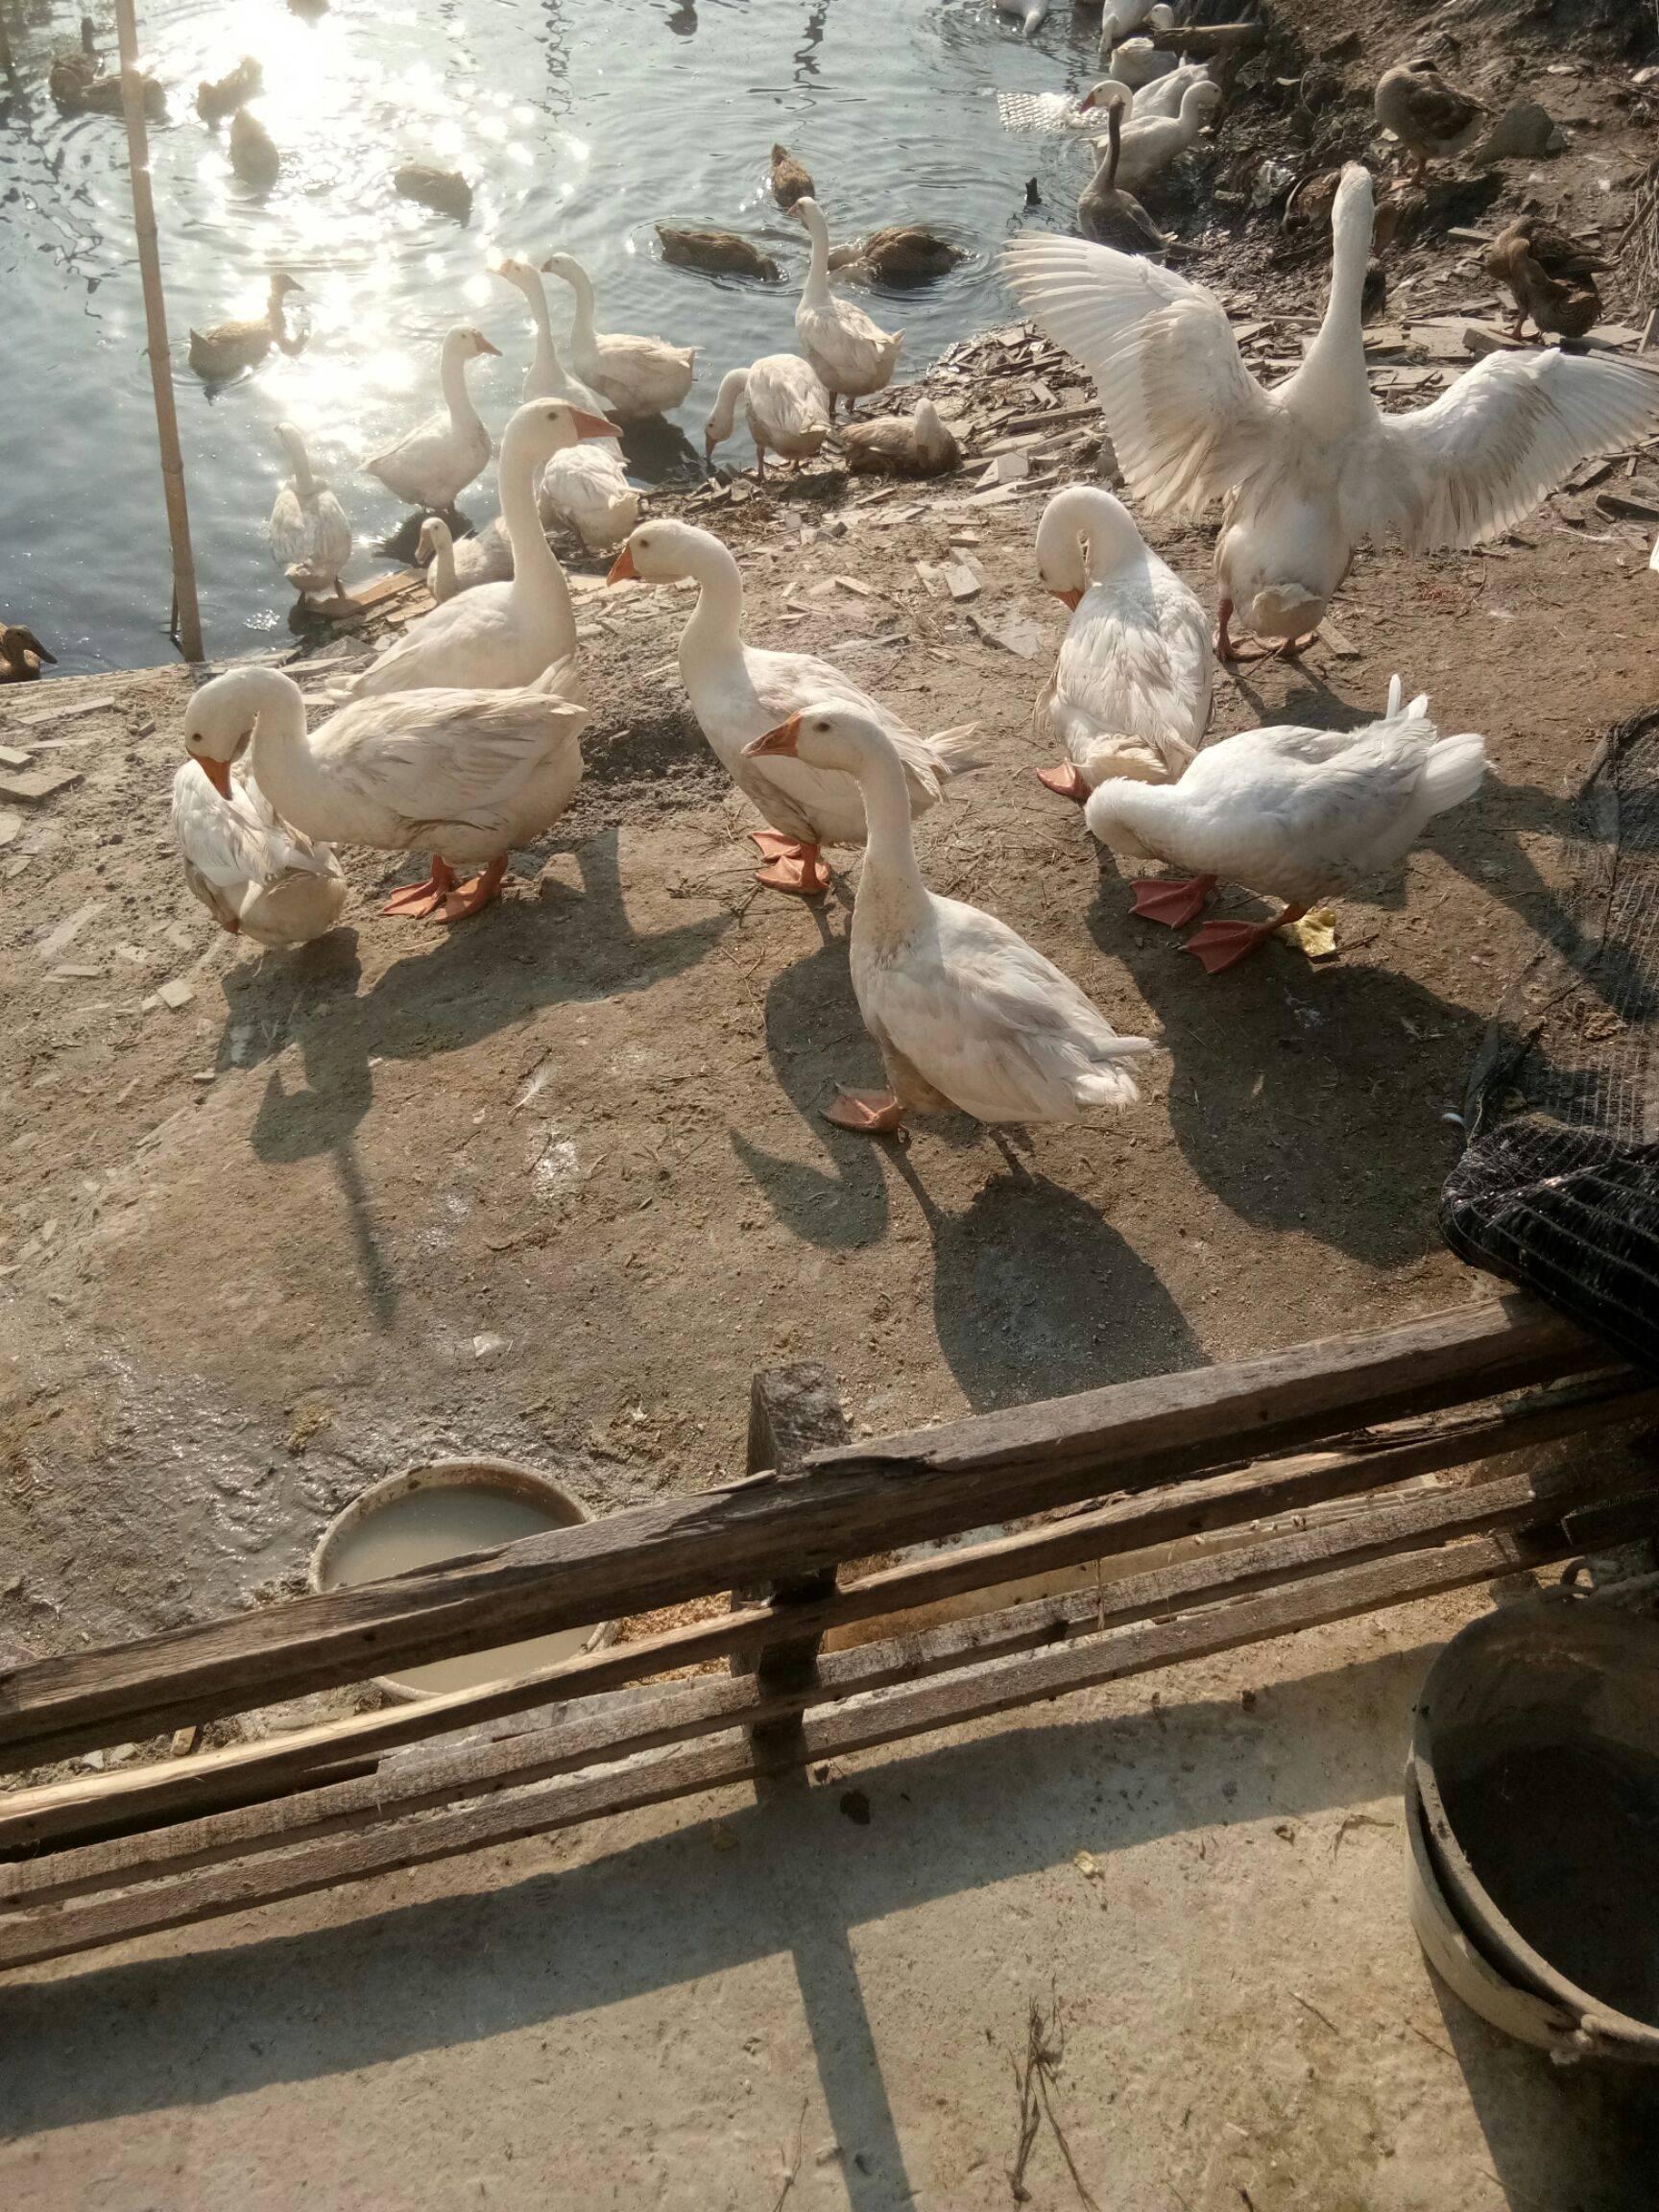 [白鹅批发]白鹅 统货 半圈养半散养 68斤价格10元/斤